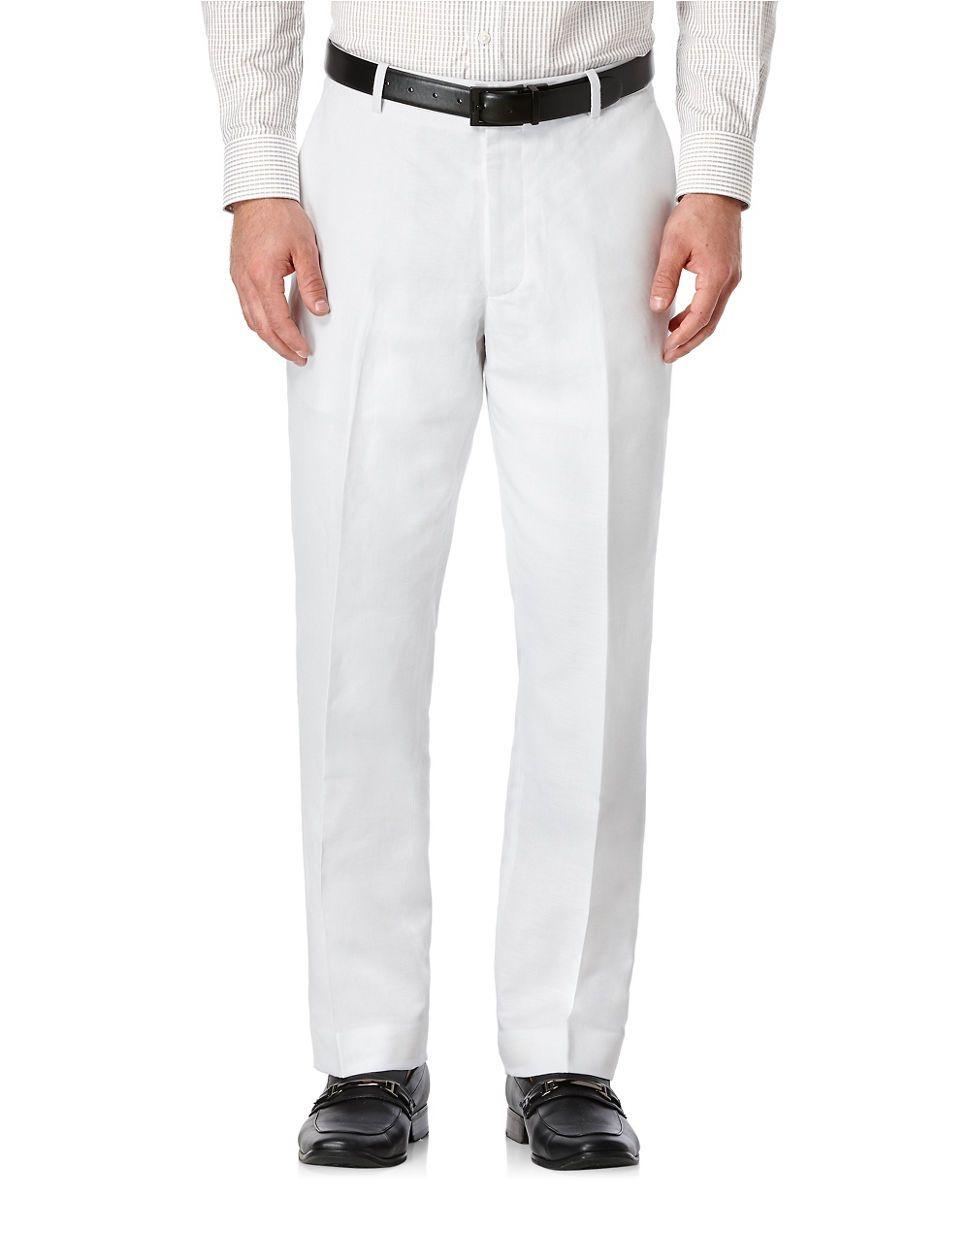 La Baie | Men | Suits & Tuxedos | Solid Linen-Cotton Pants | Hudson's Bay